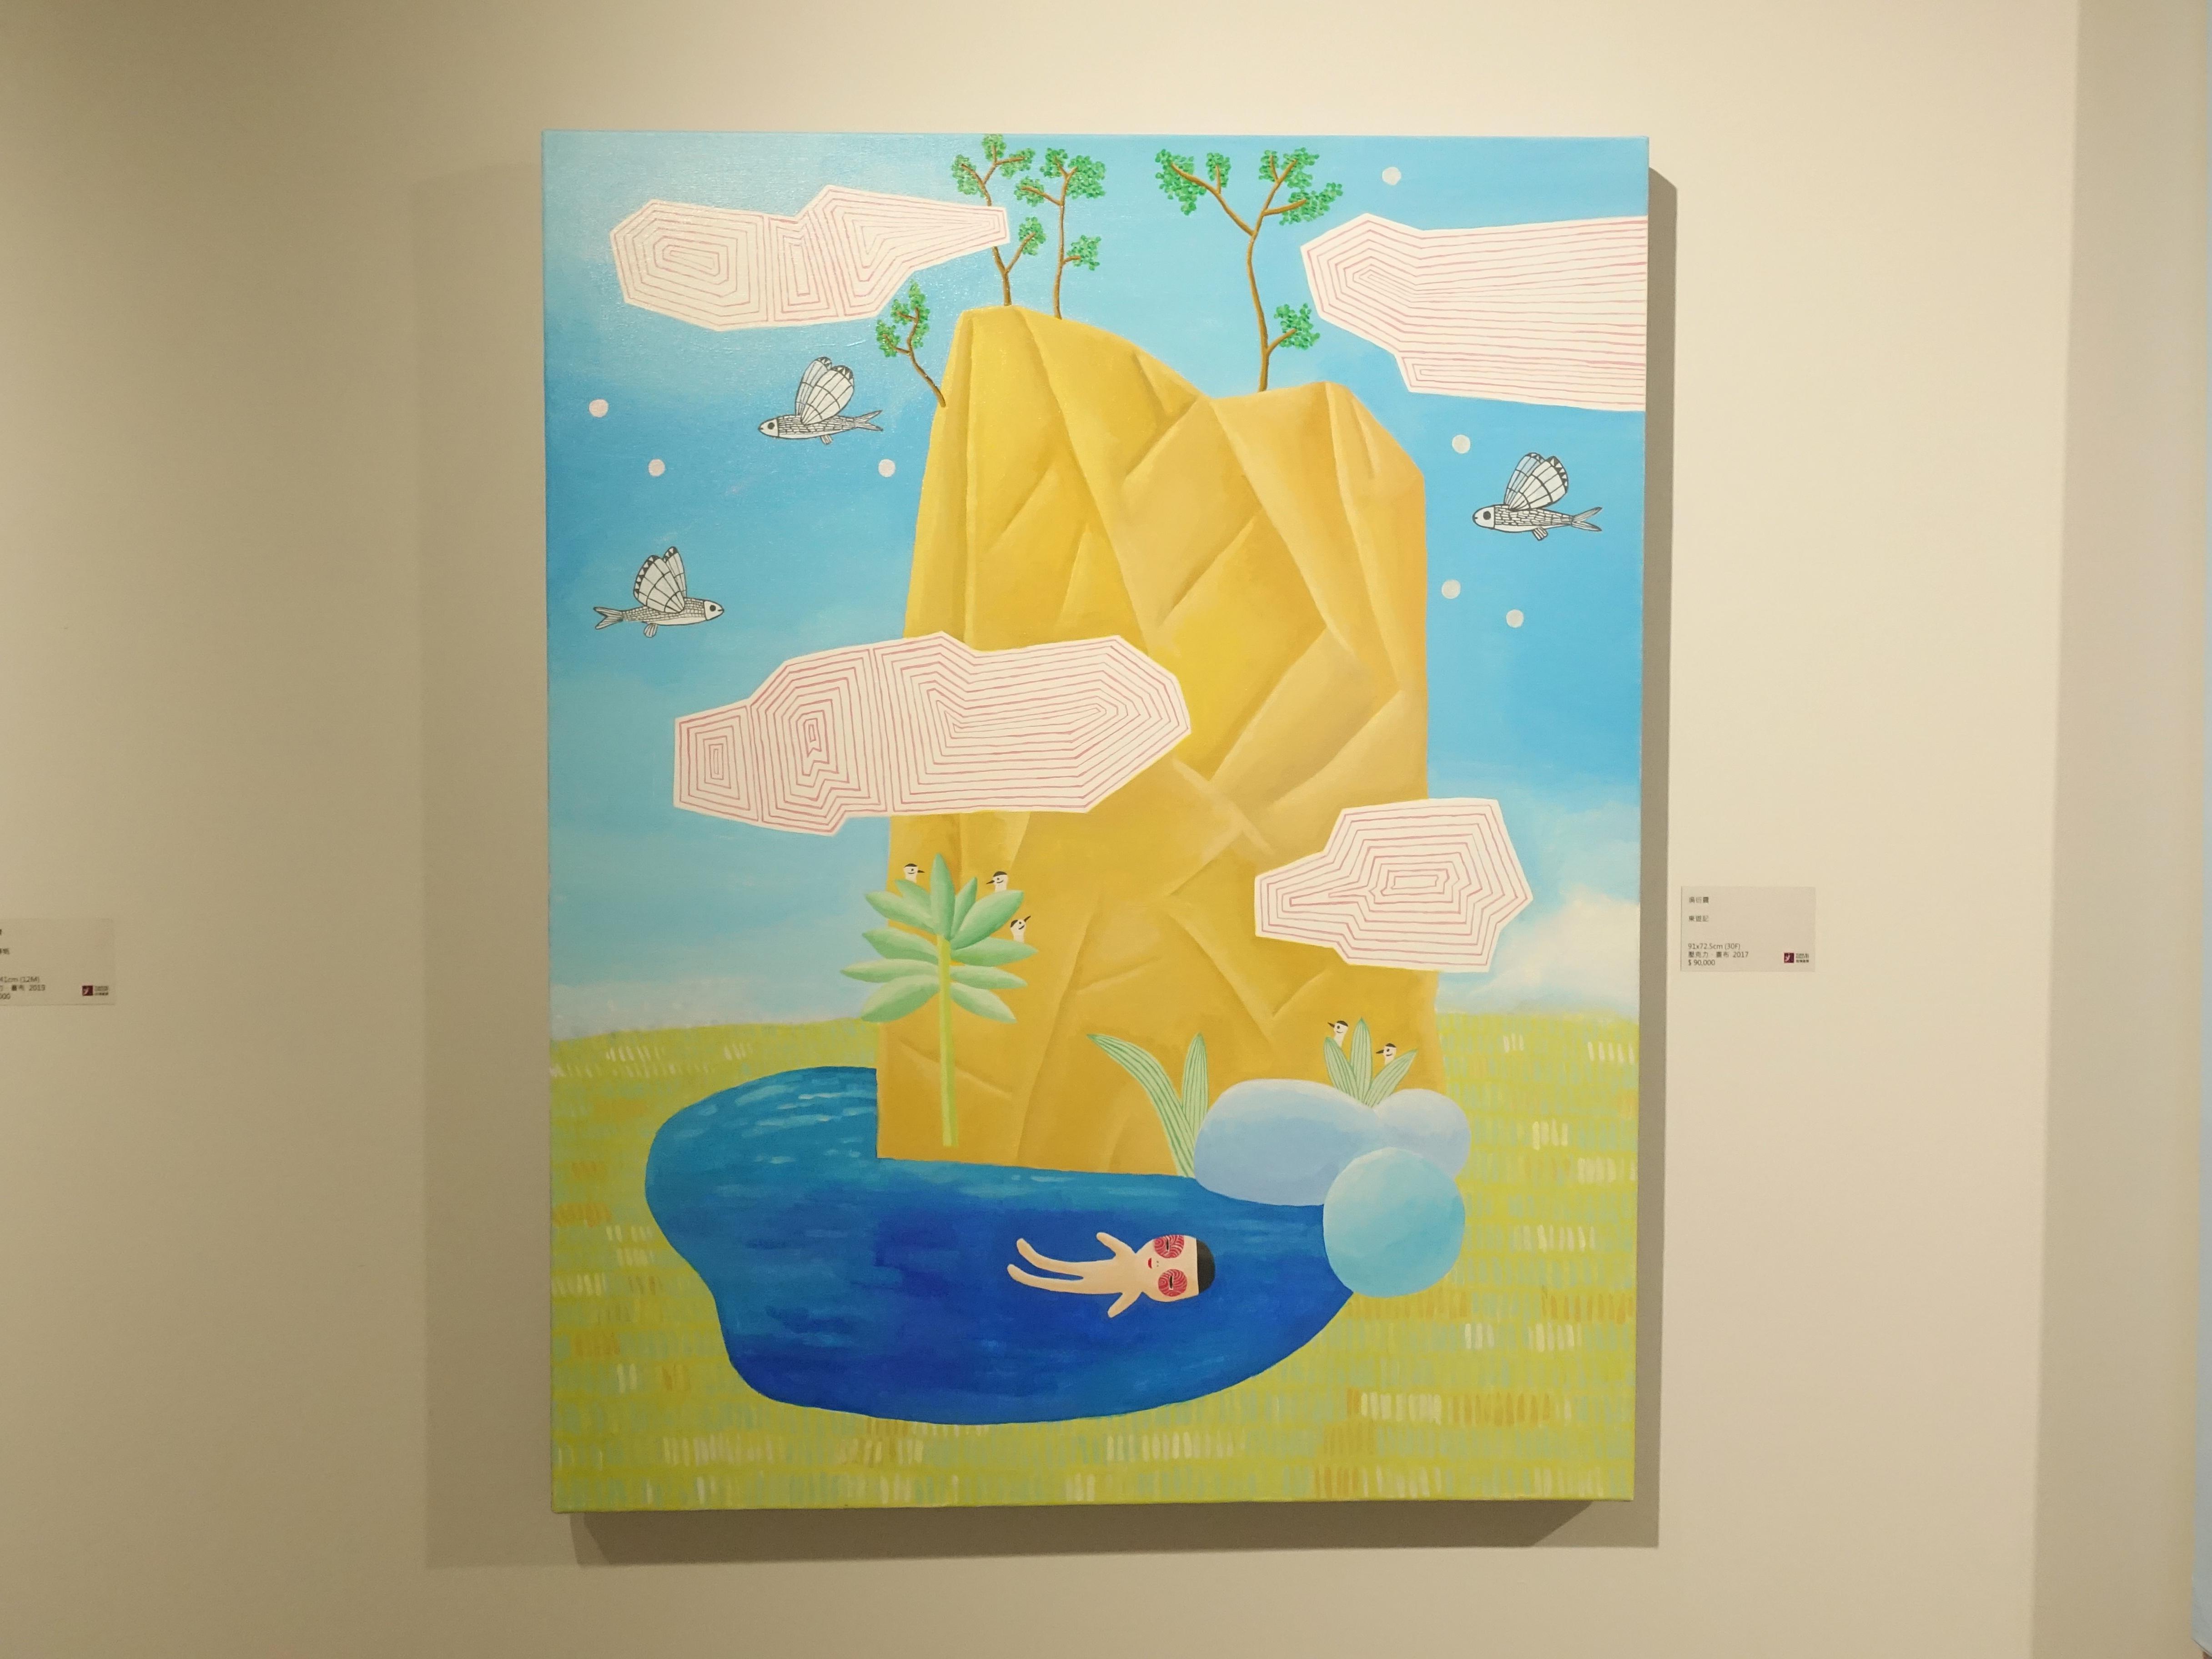 吳衍震,《東遊記》,91  x 72.5 cm,壓克力、畫布,2017。